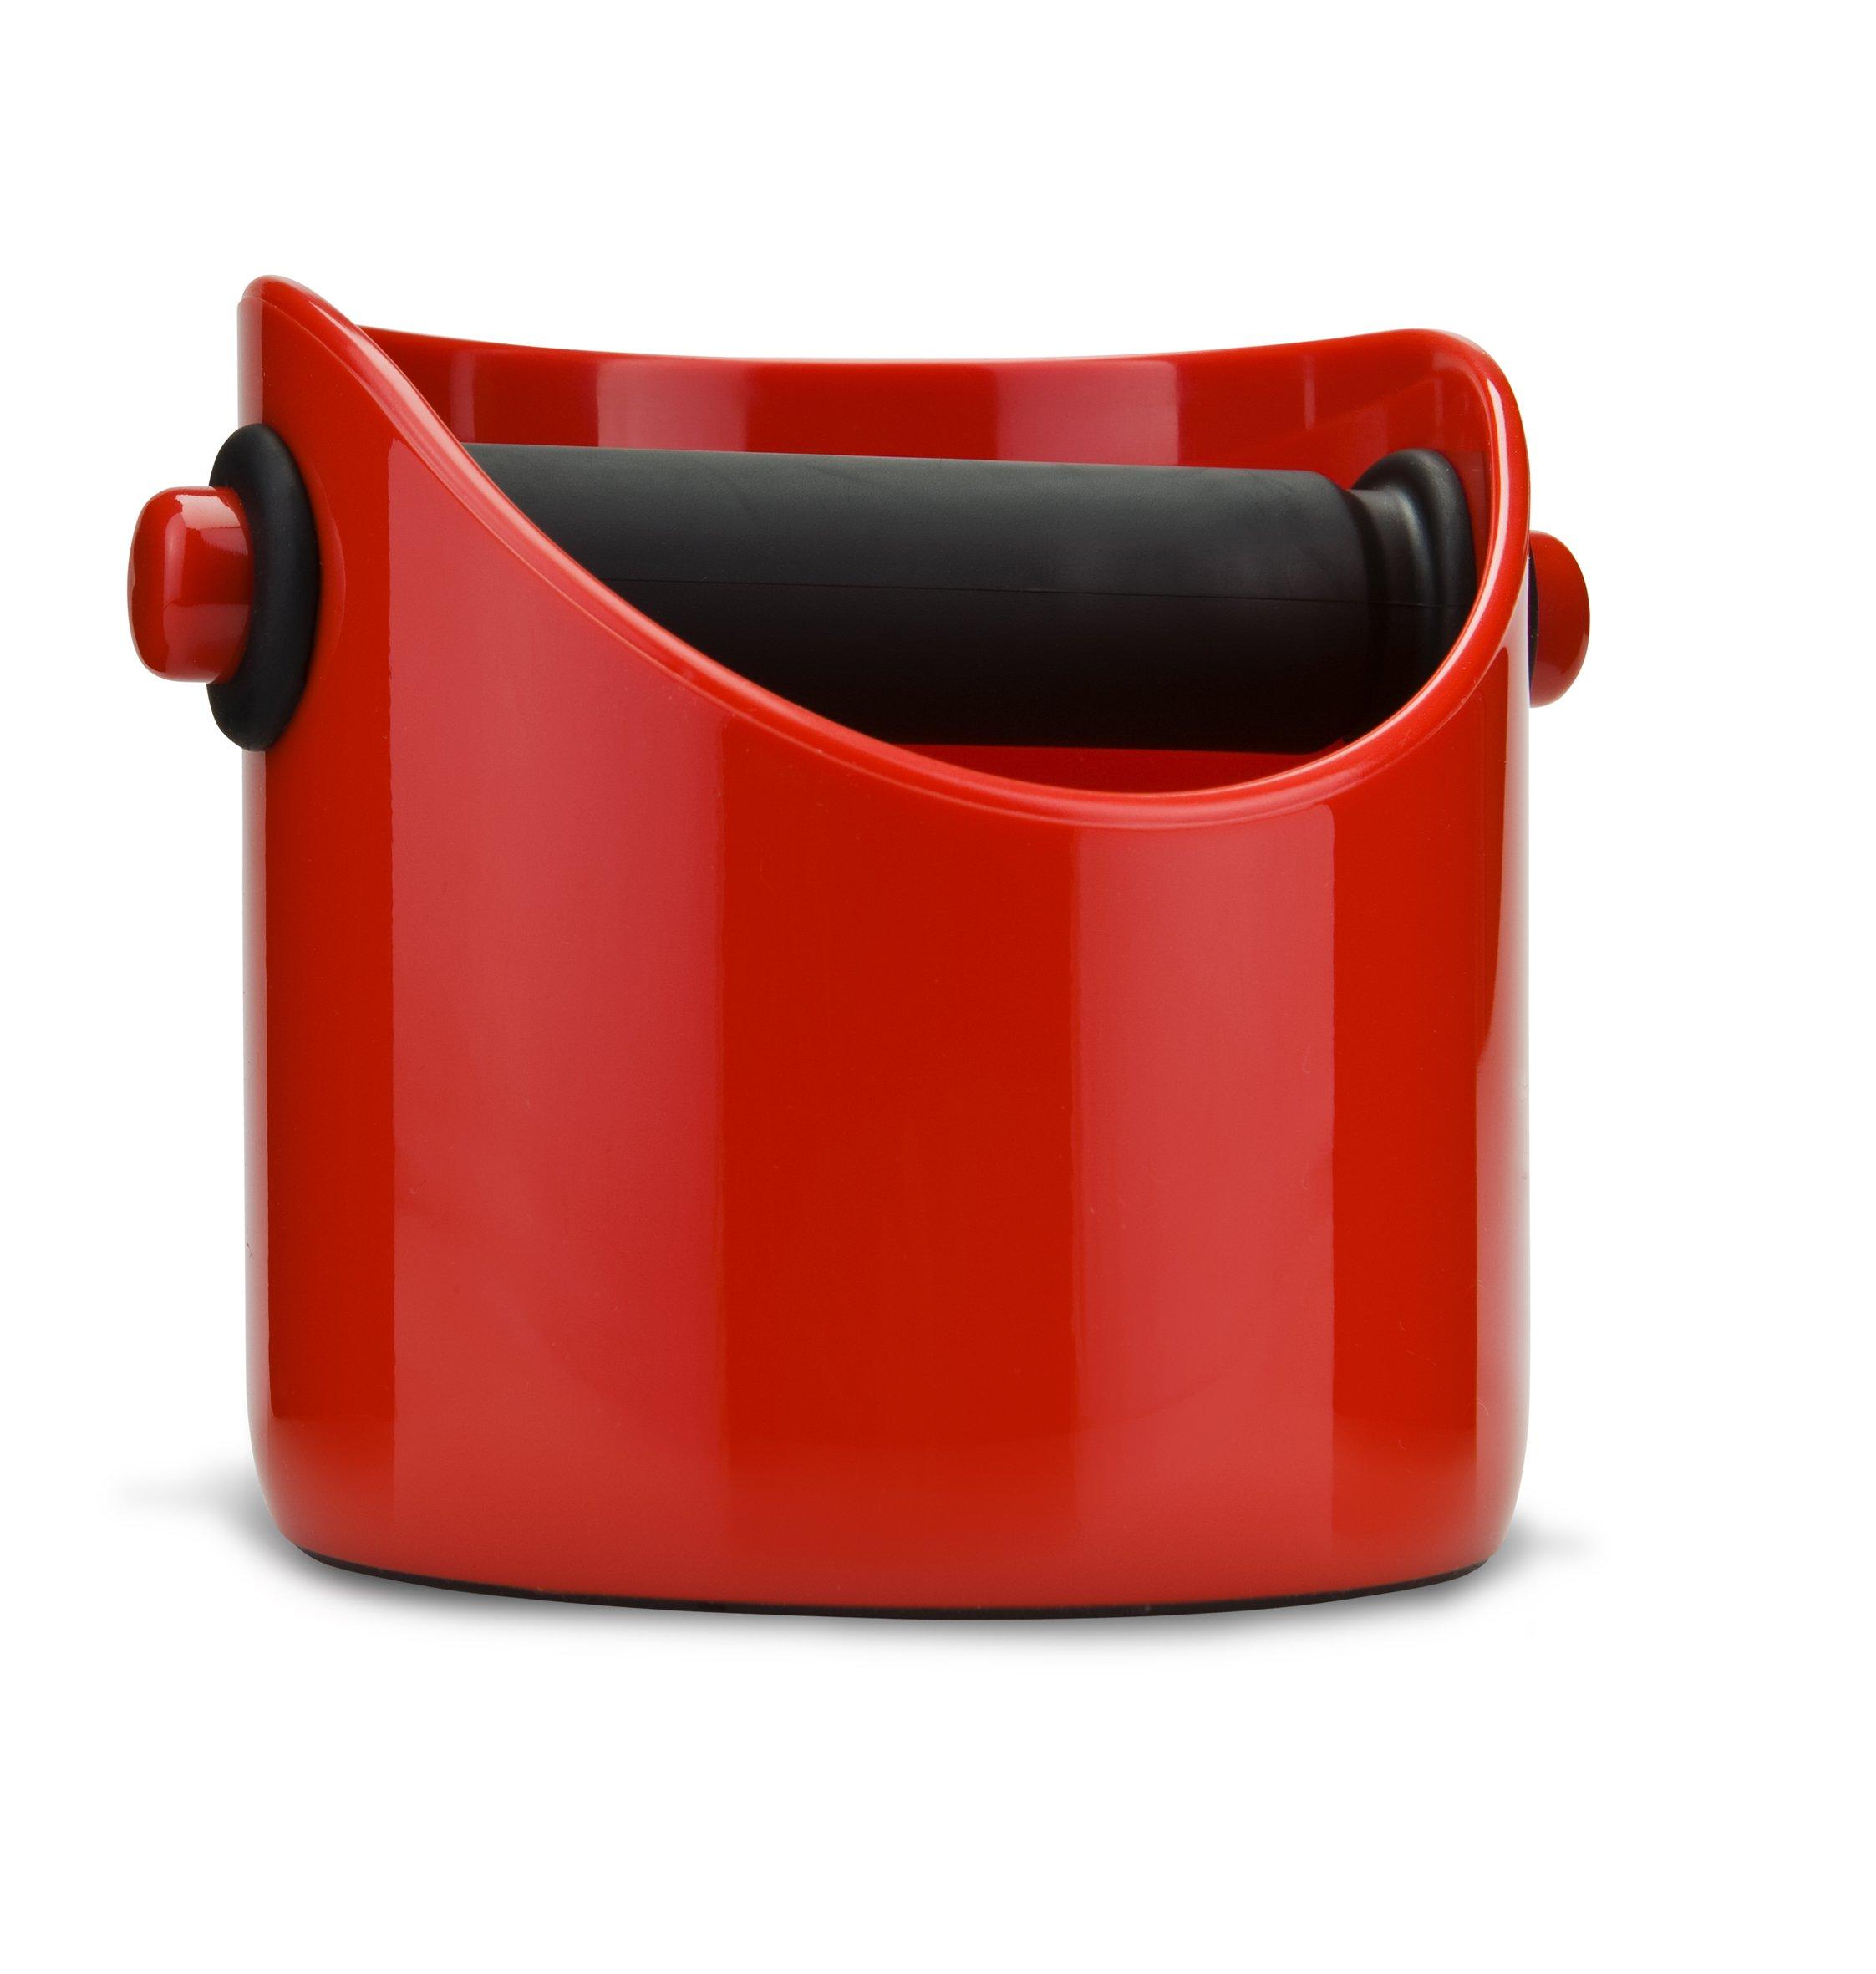 Dreamfarm Grindenstein - Coffee Grind Knock Box and Espresso Dump Bin (Red) by Dreamfarm